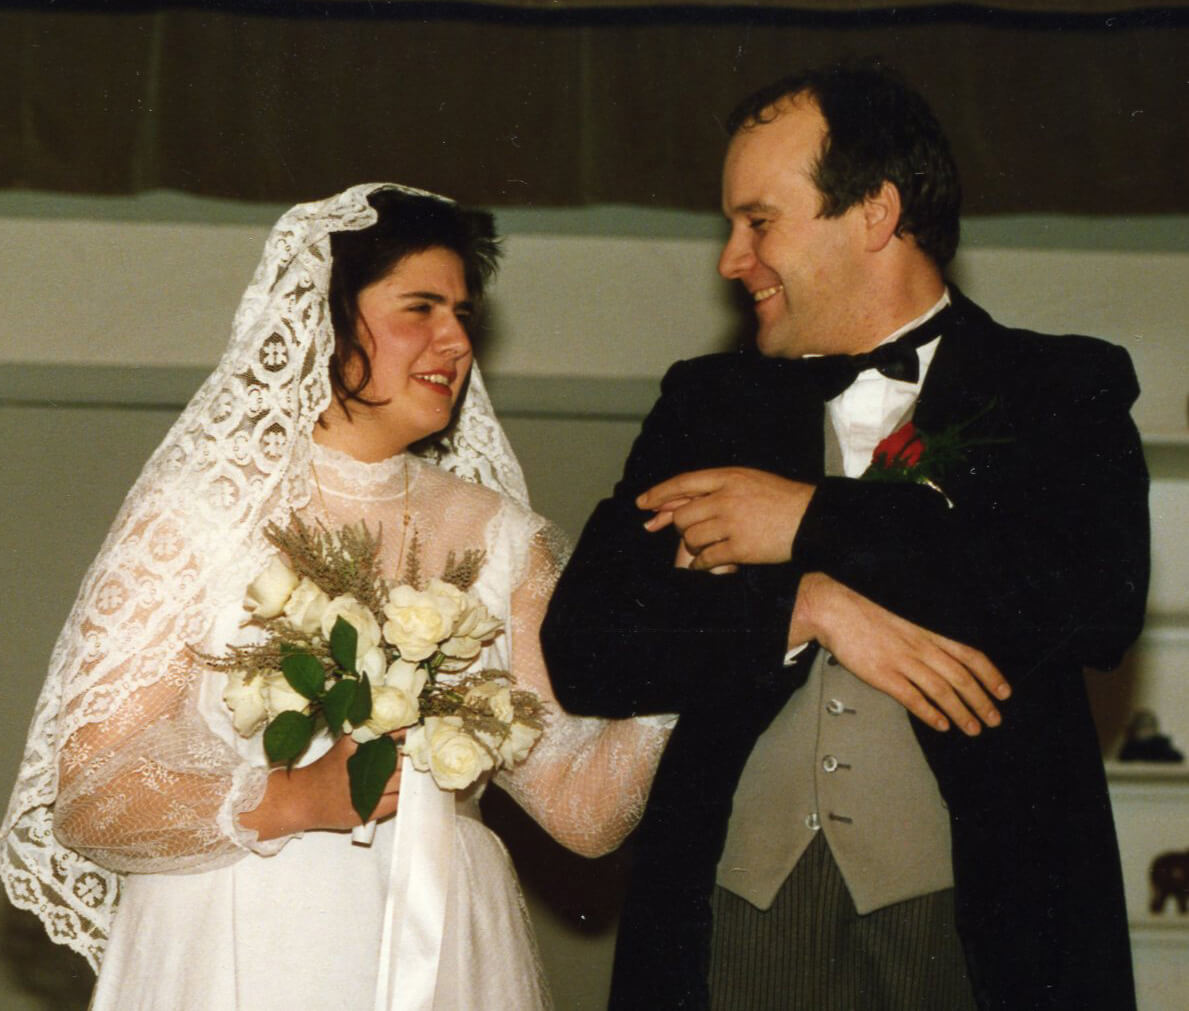 daar gaat de bruid